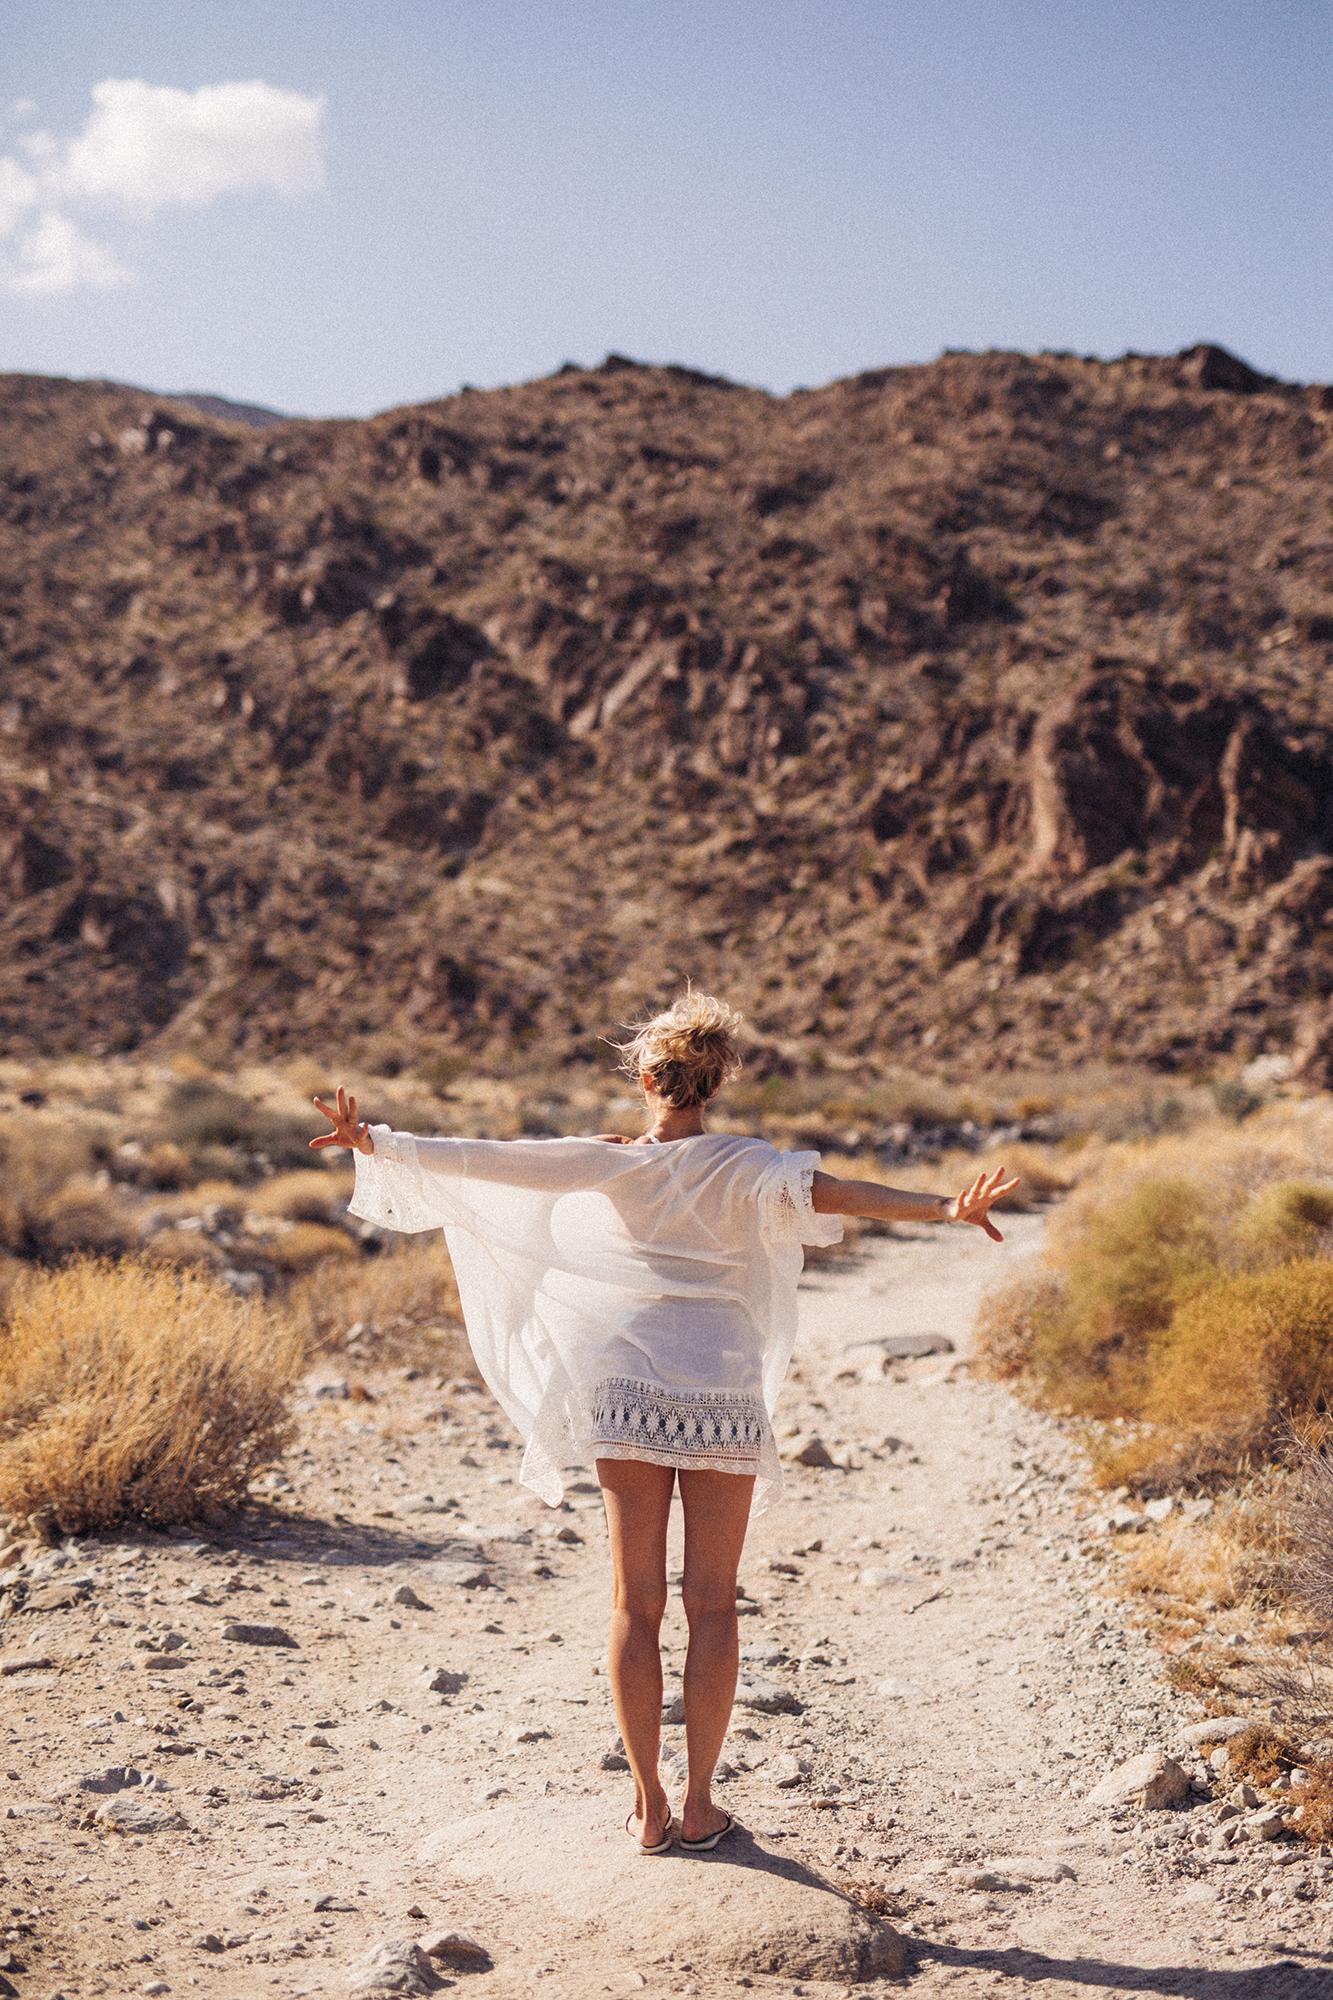 Rachel-Simpson-IMG_2521.jpg